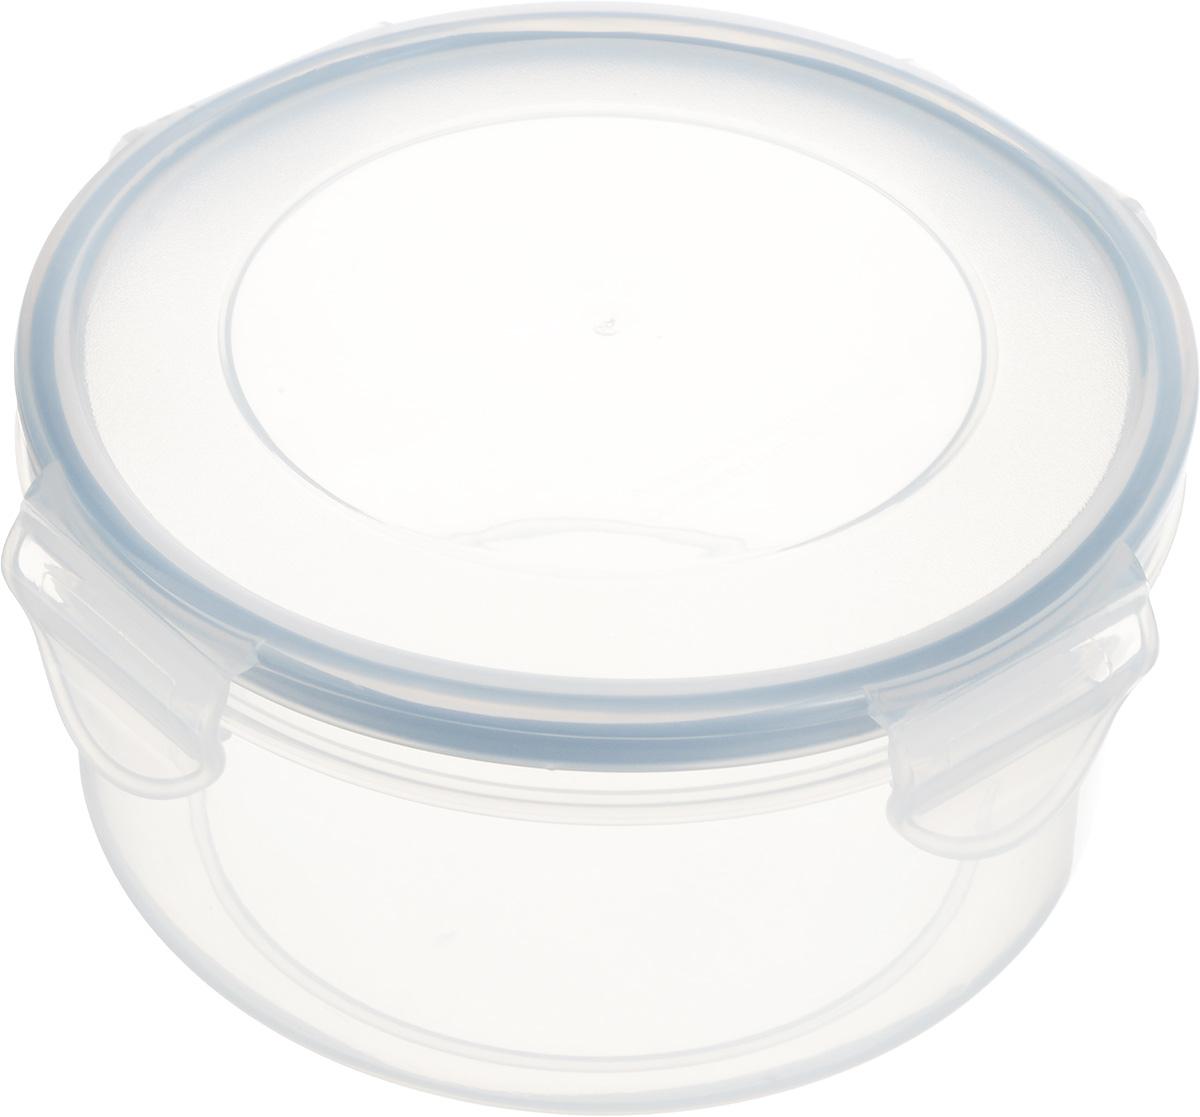 Контейнер Tescoma Freshbox, круглый, 0,8лVT-1520(SR)Круглый контейнер Tescoma Freshbox изготовлен из высококачественного пластика. Изделие идеально подходит не только для хранения, но и для транспортировки пищи. Контейнер имеет крышку, которая плотно закрывается на 4 защелки и оснащена специальной силиконовой прослойкой, предотвращающей проникновение влаги и запахов. Изделие подходит для домашнего использования, для пикников, поездок, отдыха на природе, его можно взять с собой на работу или учебу. Можно использовать в СВЧ-печах, холодильниках и морозильных камерах. Можно мыть в посудомоечной машине.Диаметр контейнера (без учета крышки): 14 см. Высота контейнера (без учета крышки): 7 см.